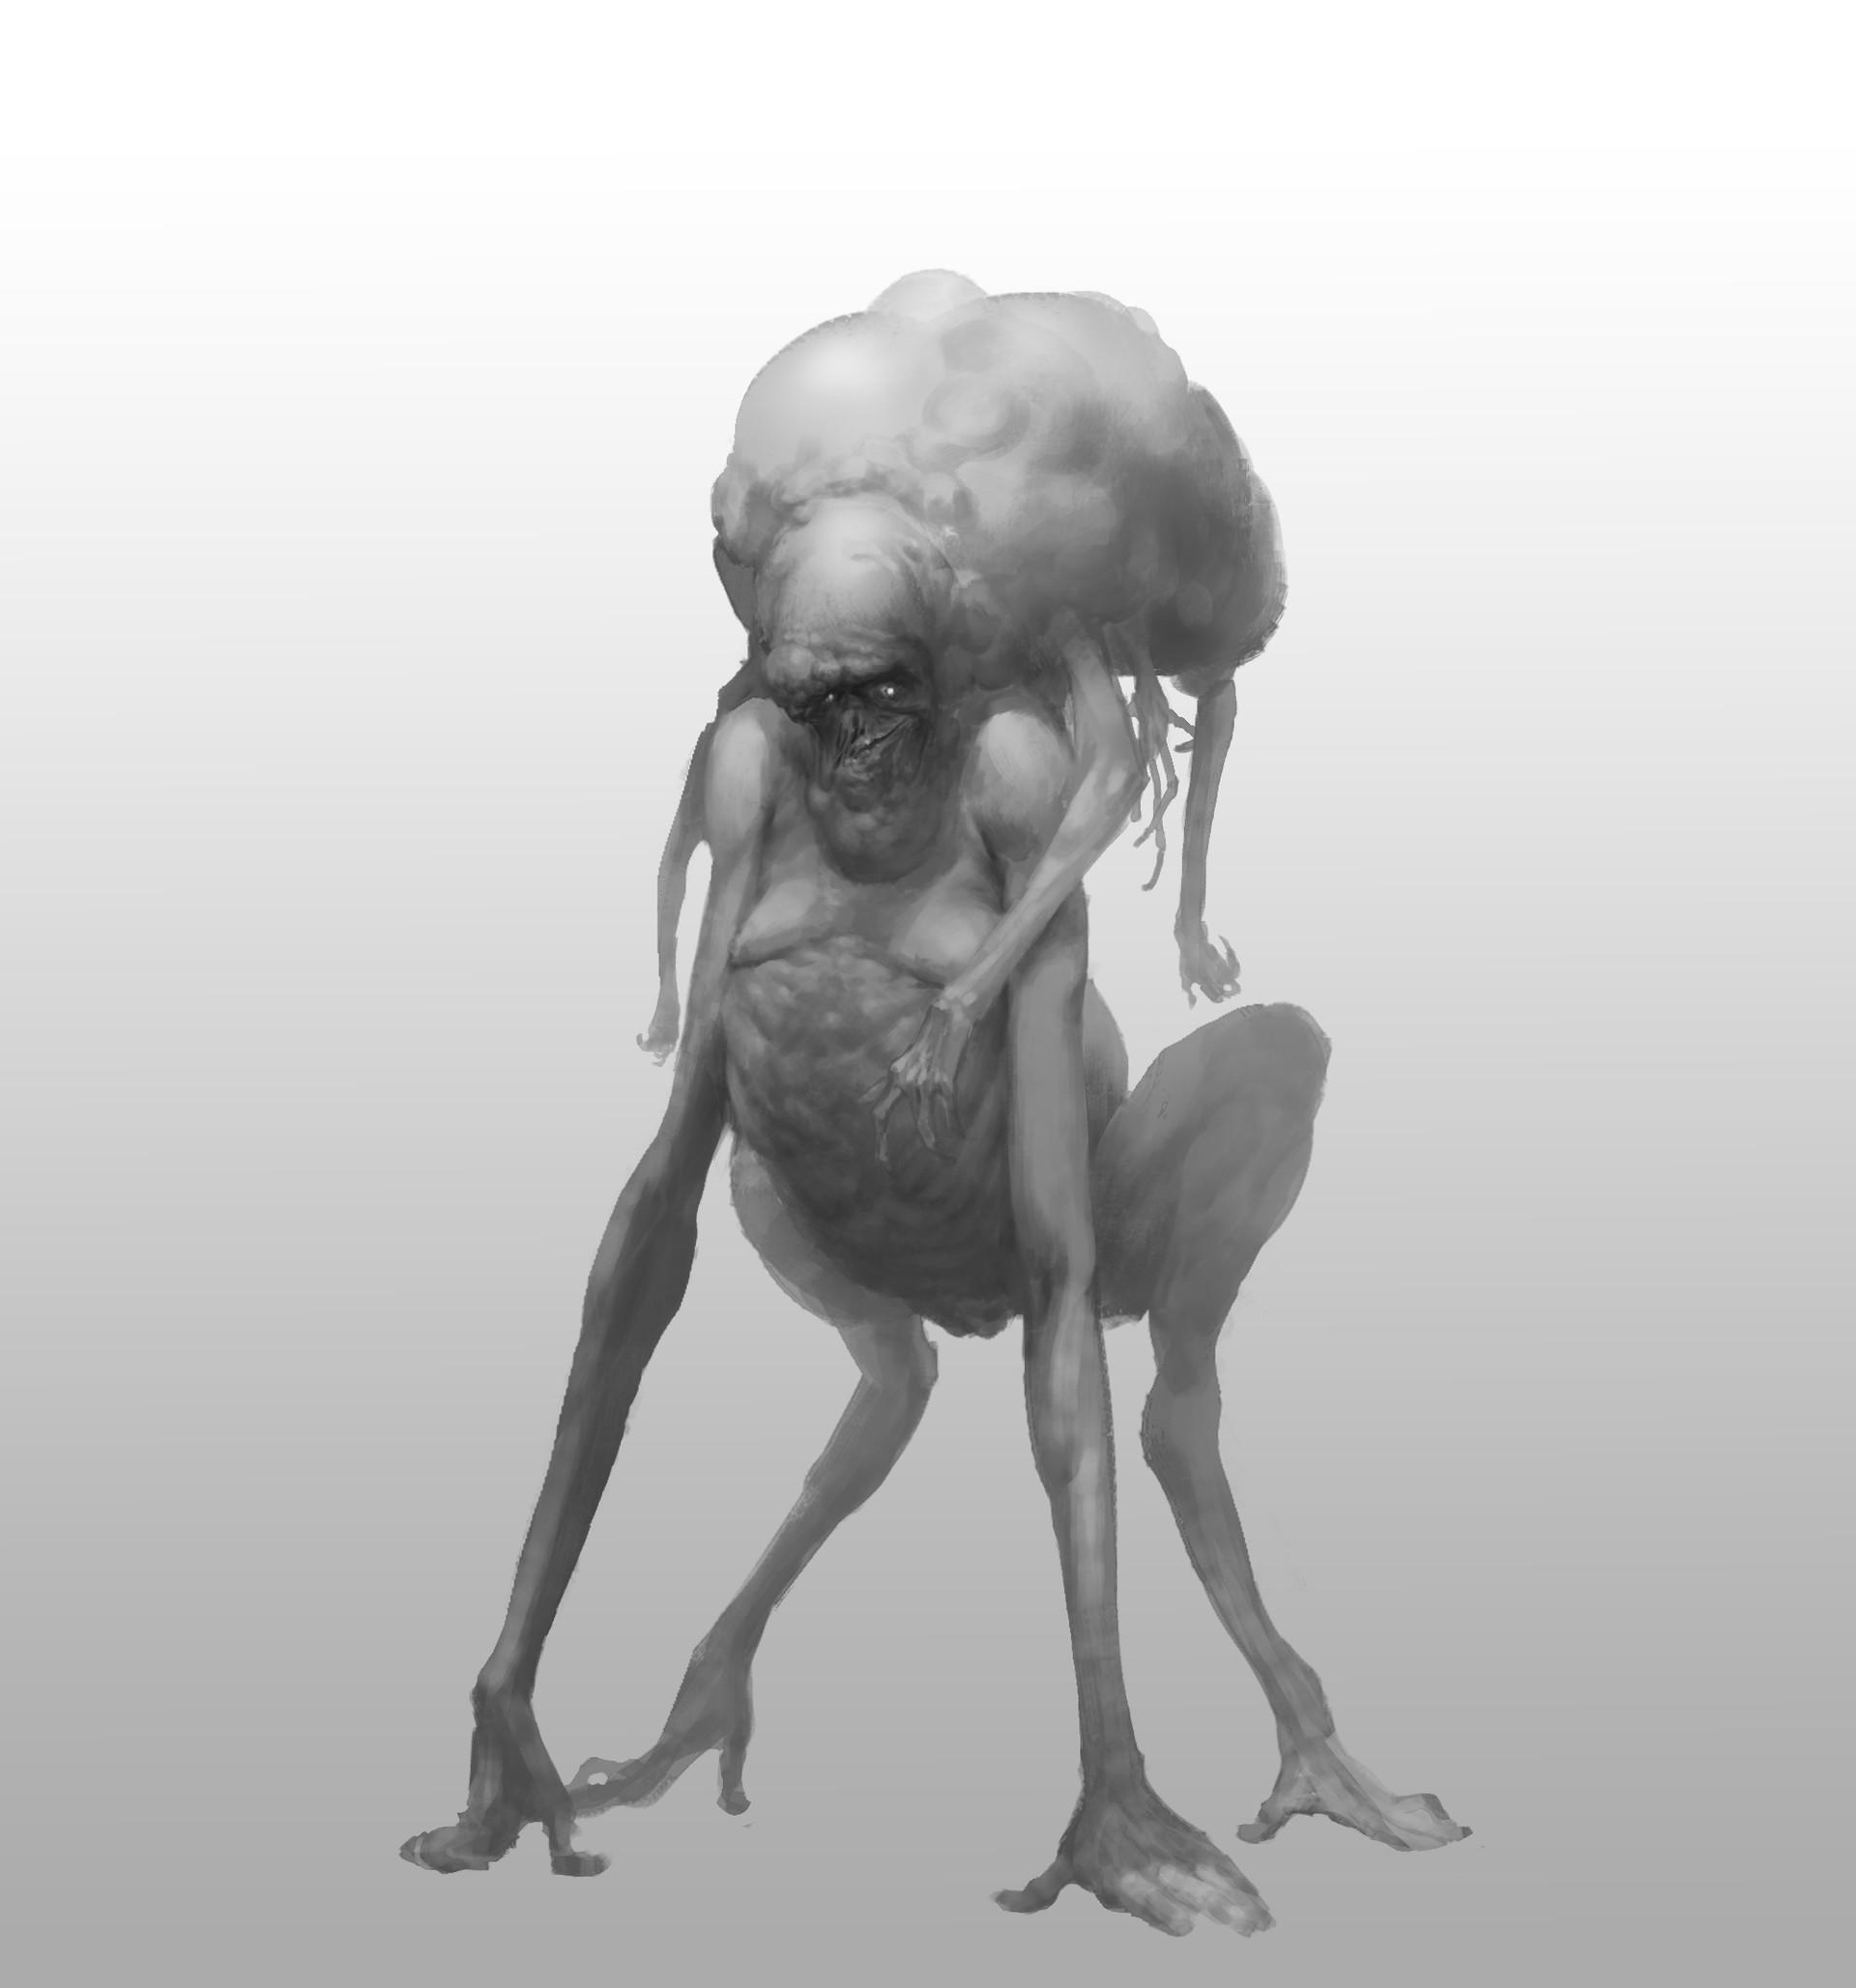 Charidimos bitsakakis creature 2